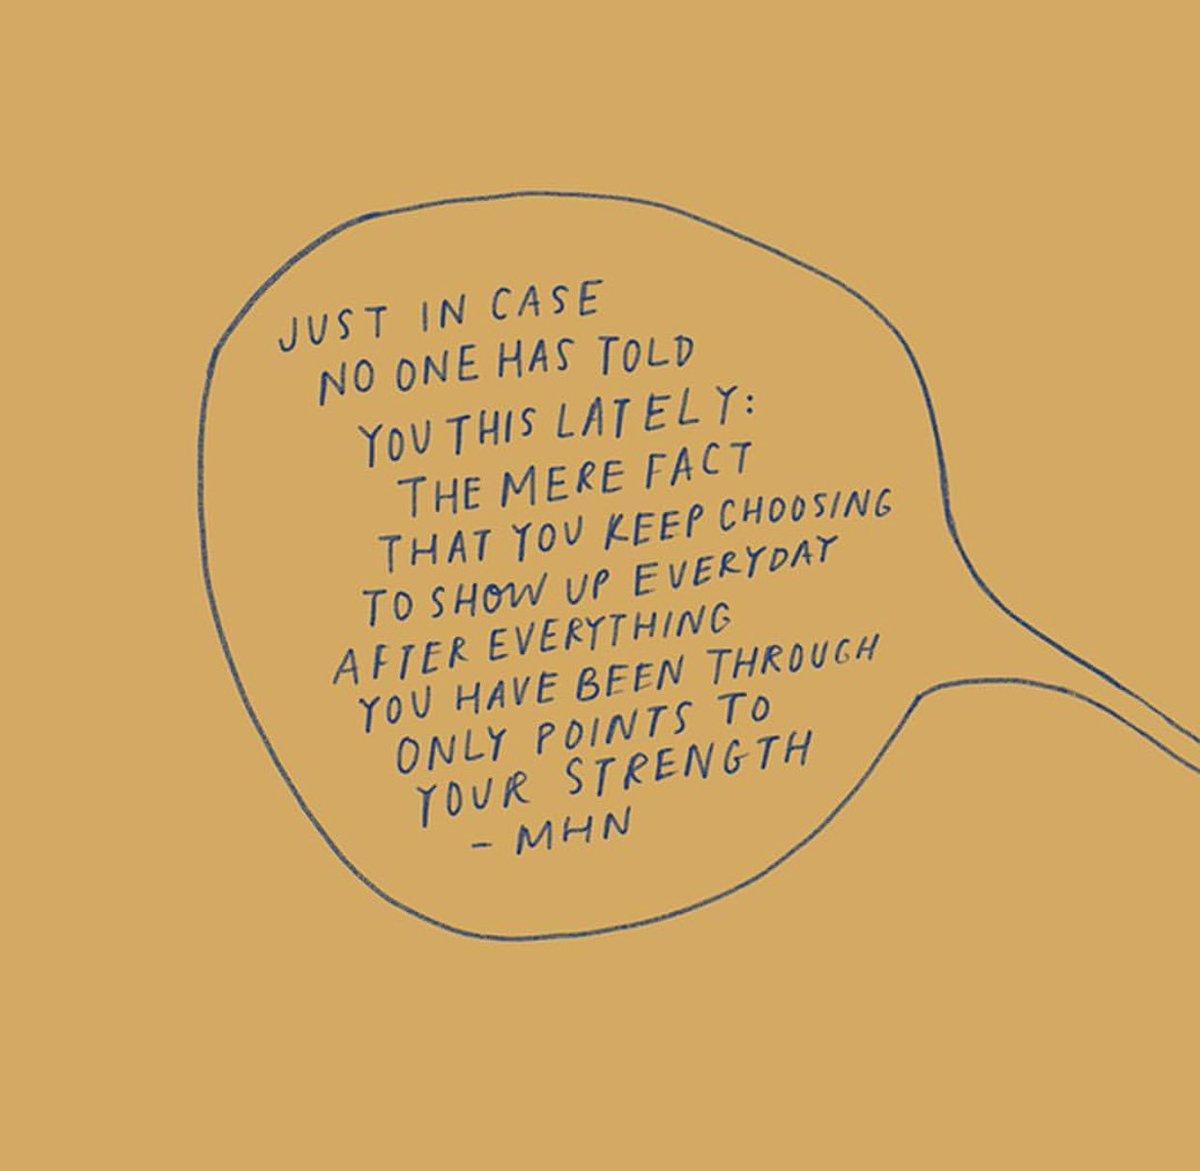 a few reminders 🙏